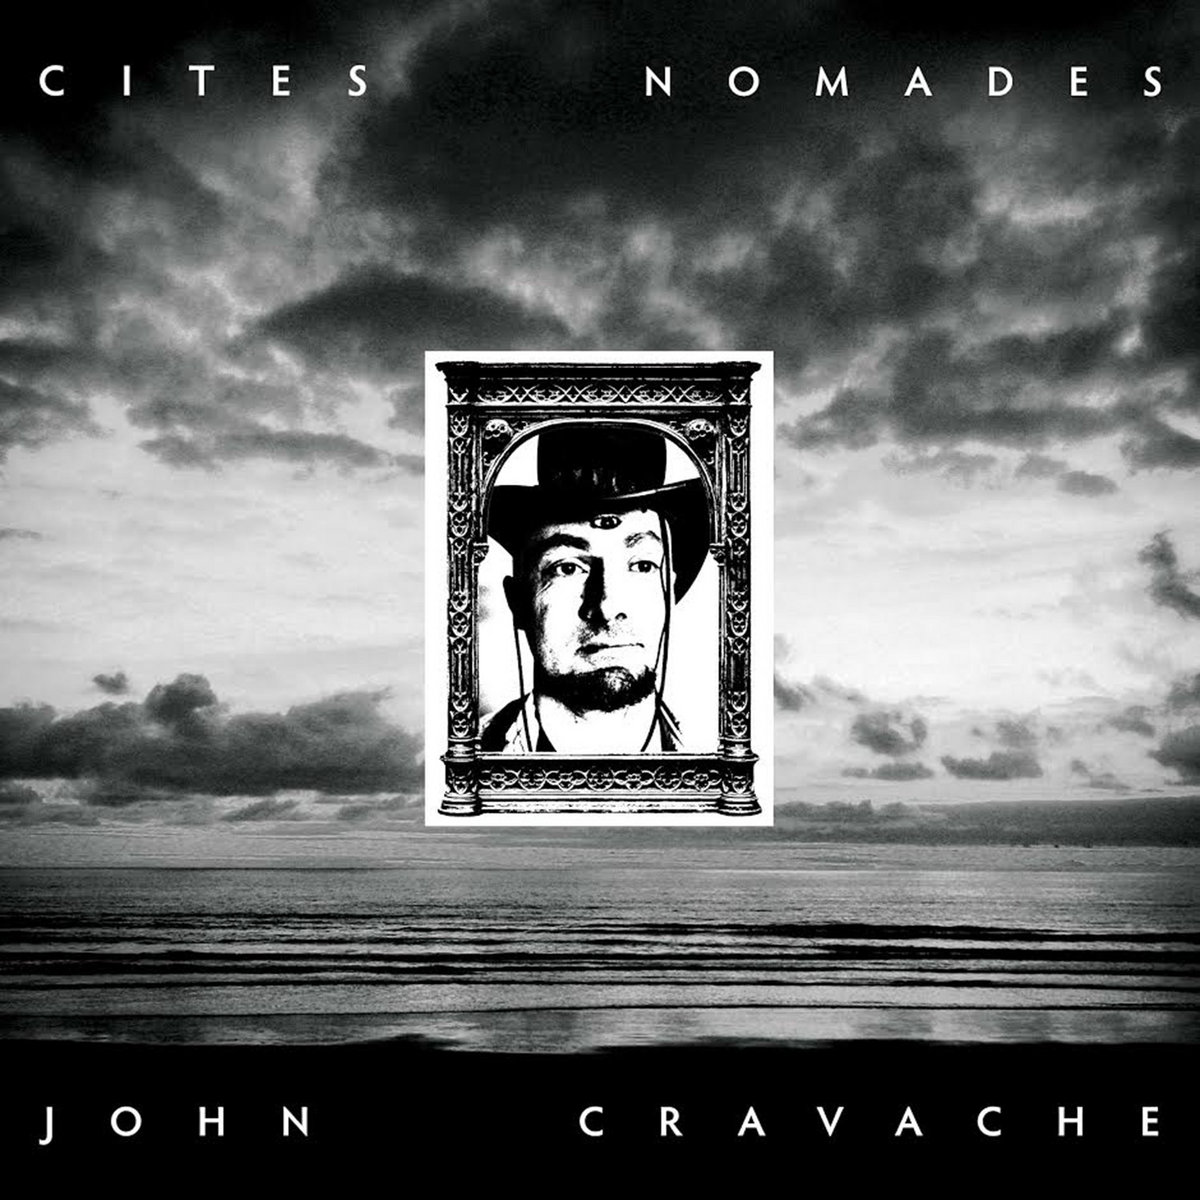 John Cravache Cit 233 S Nomades Versatile Records